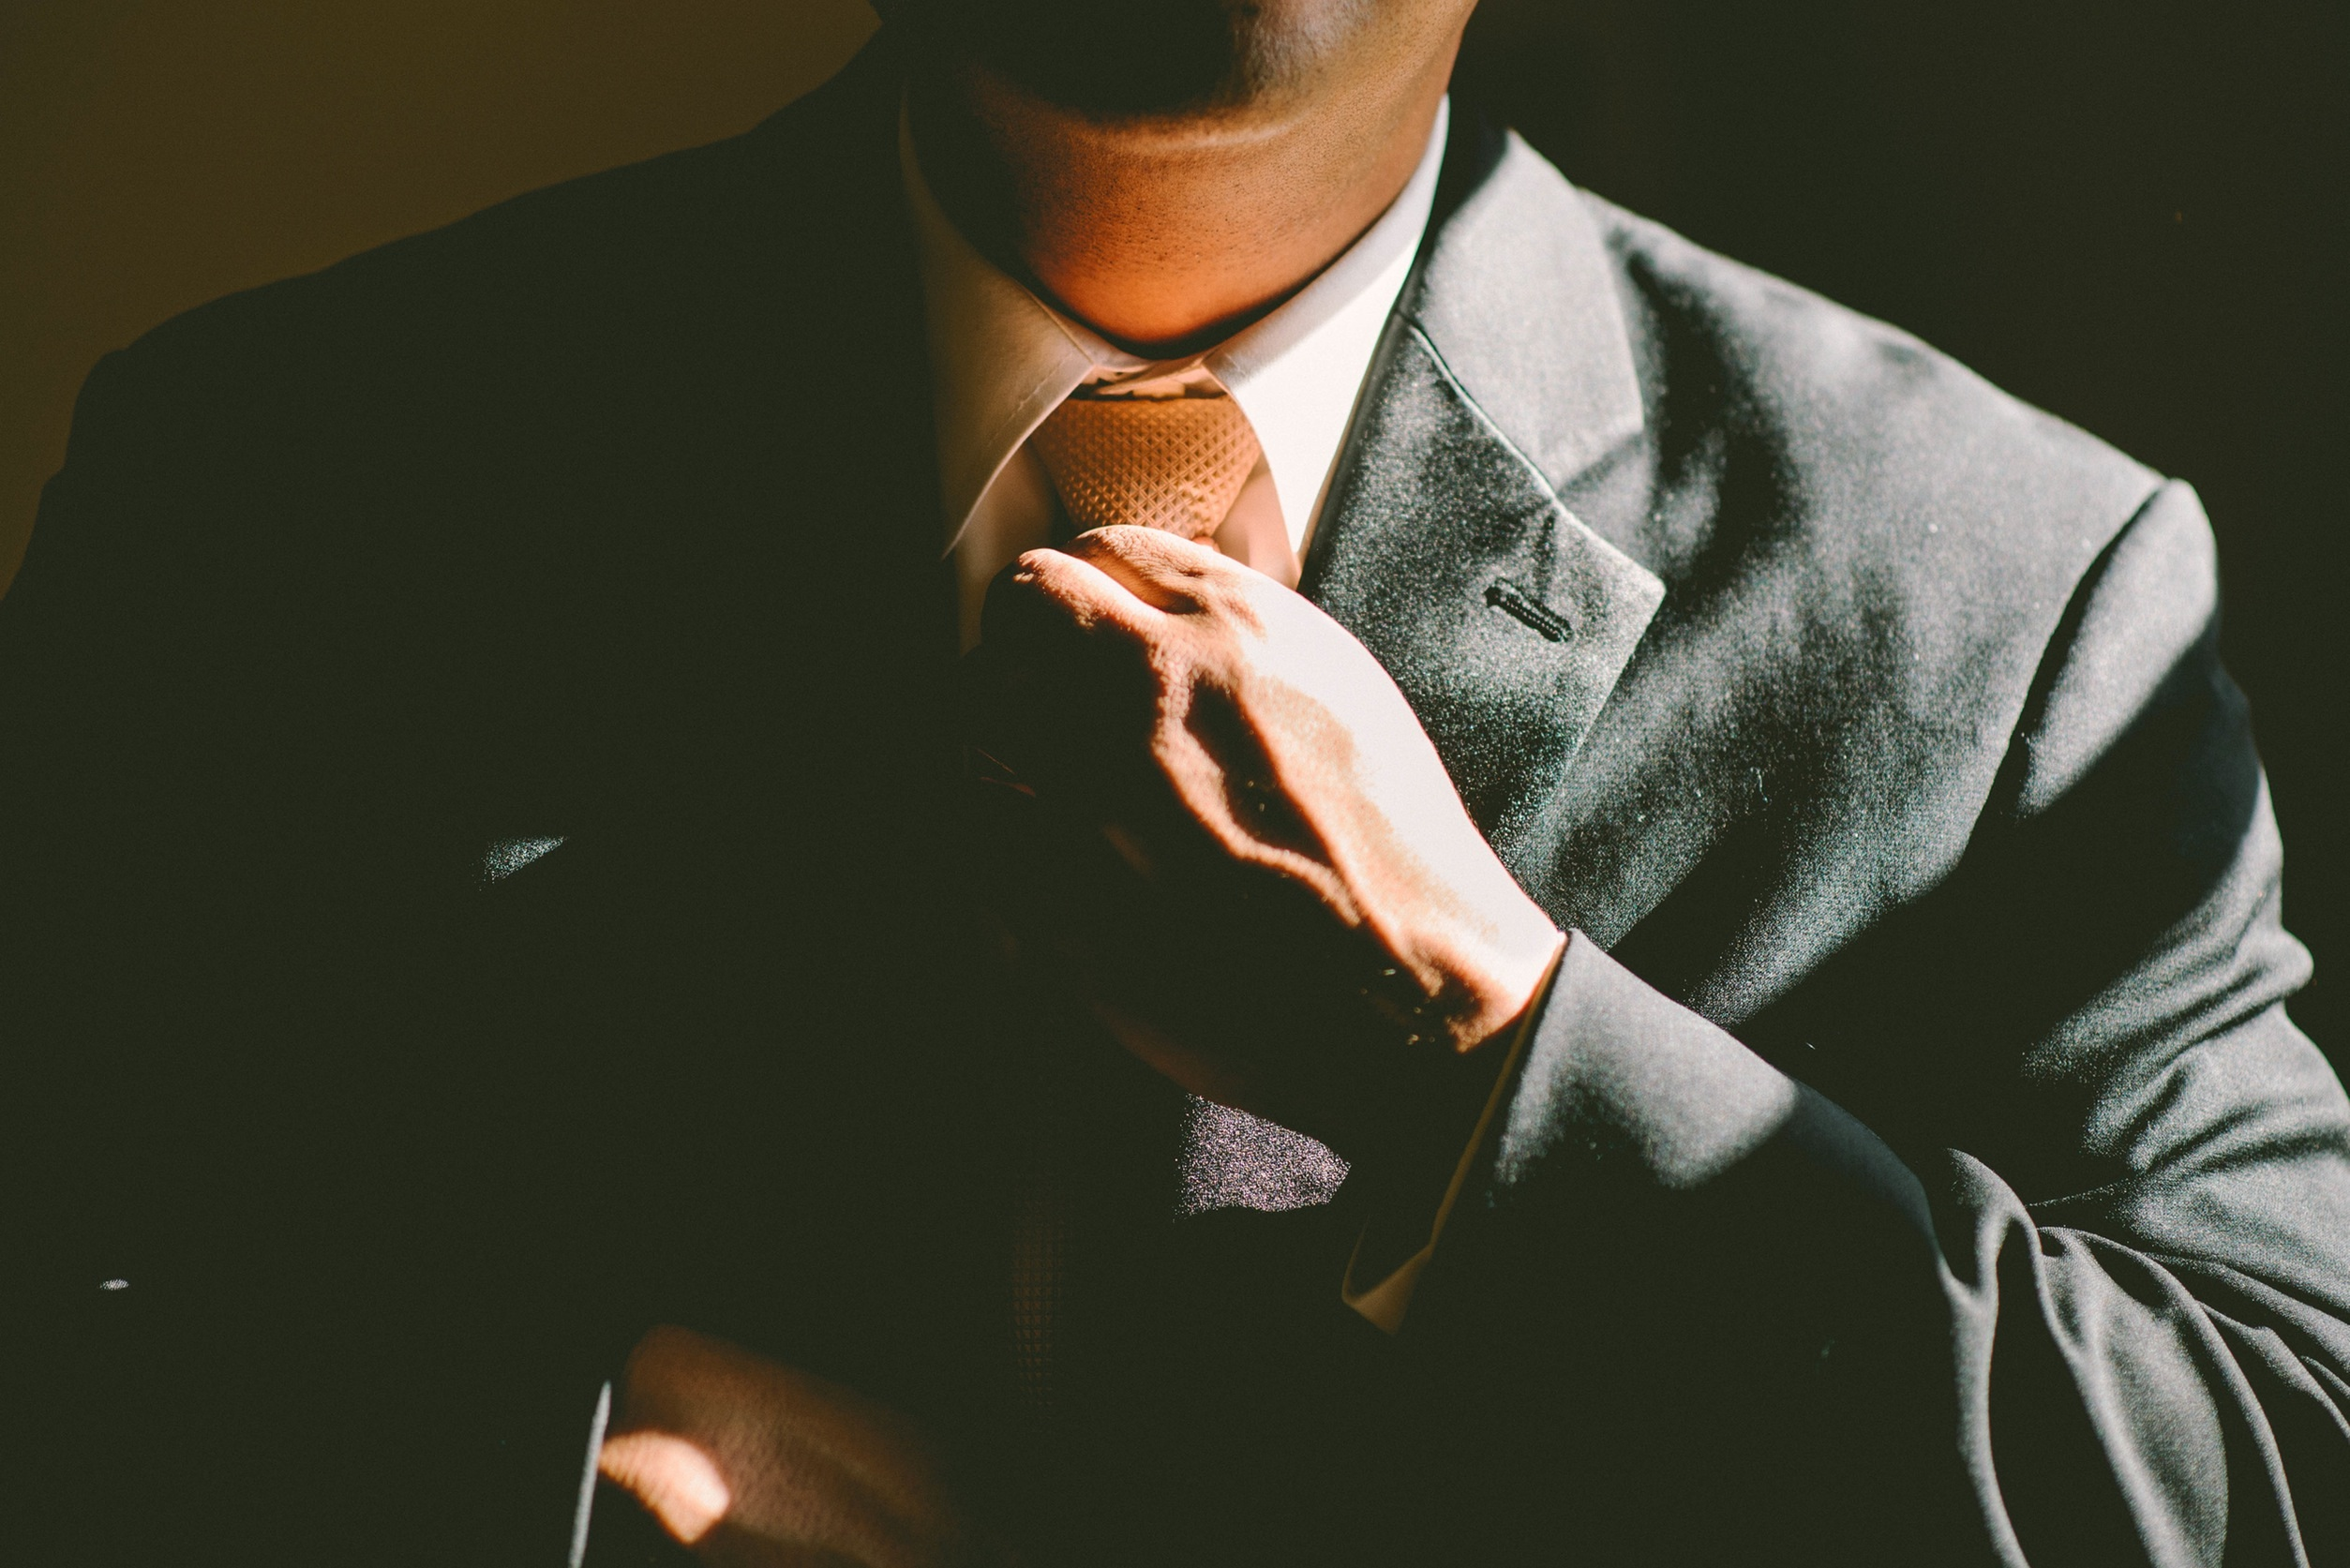 tie, necktie, adjust